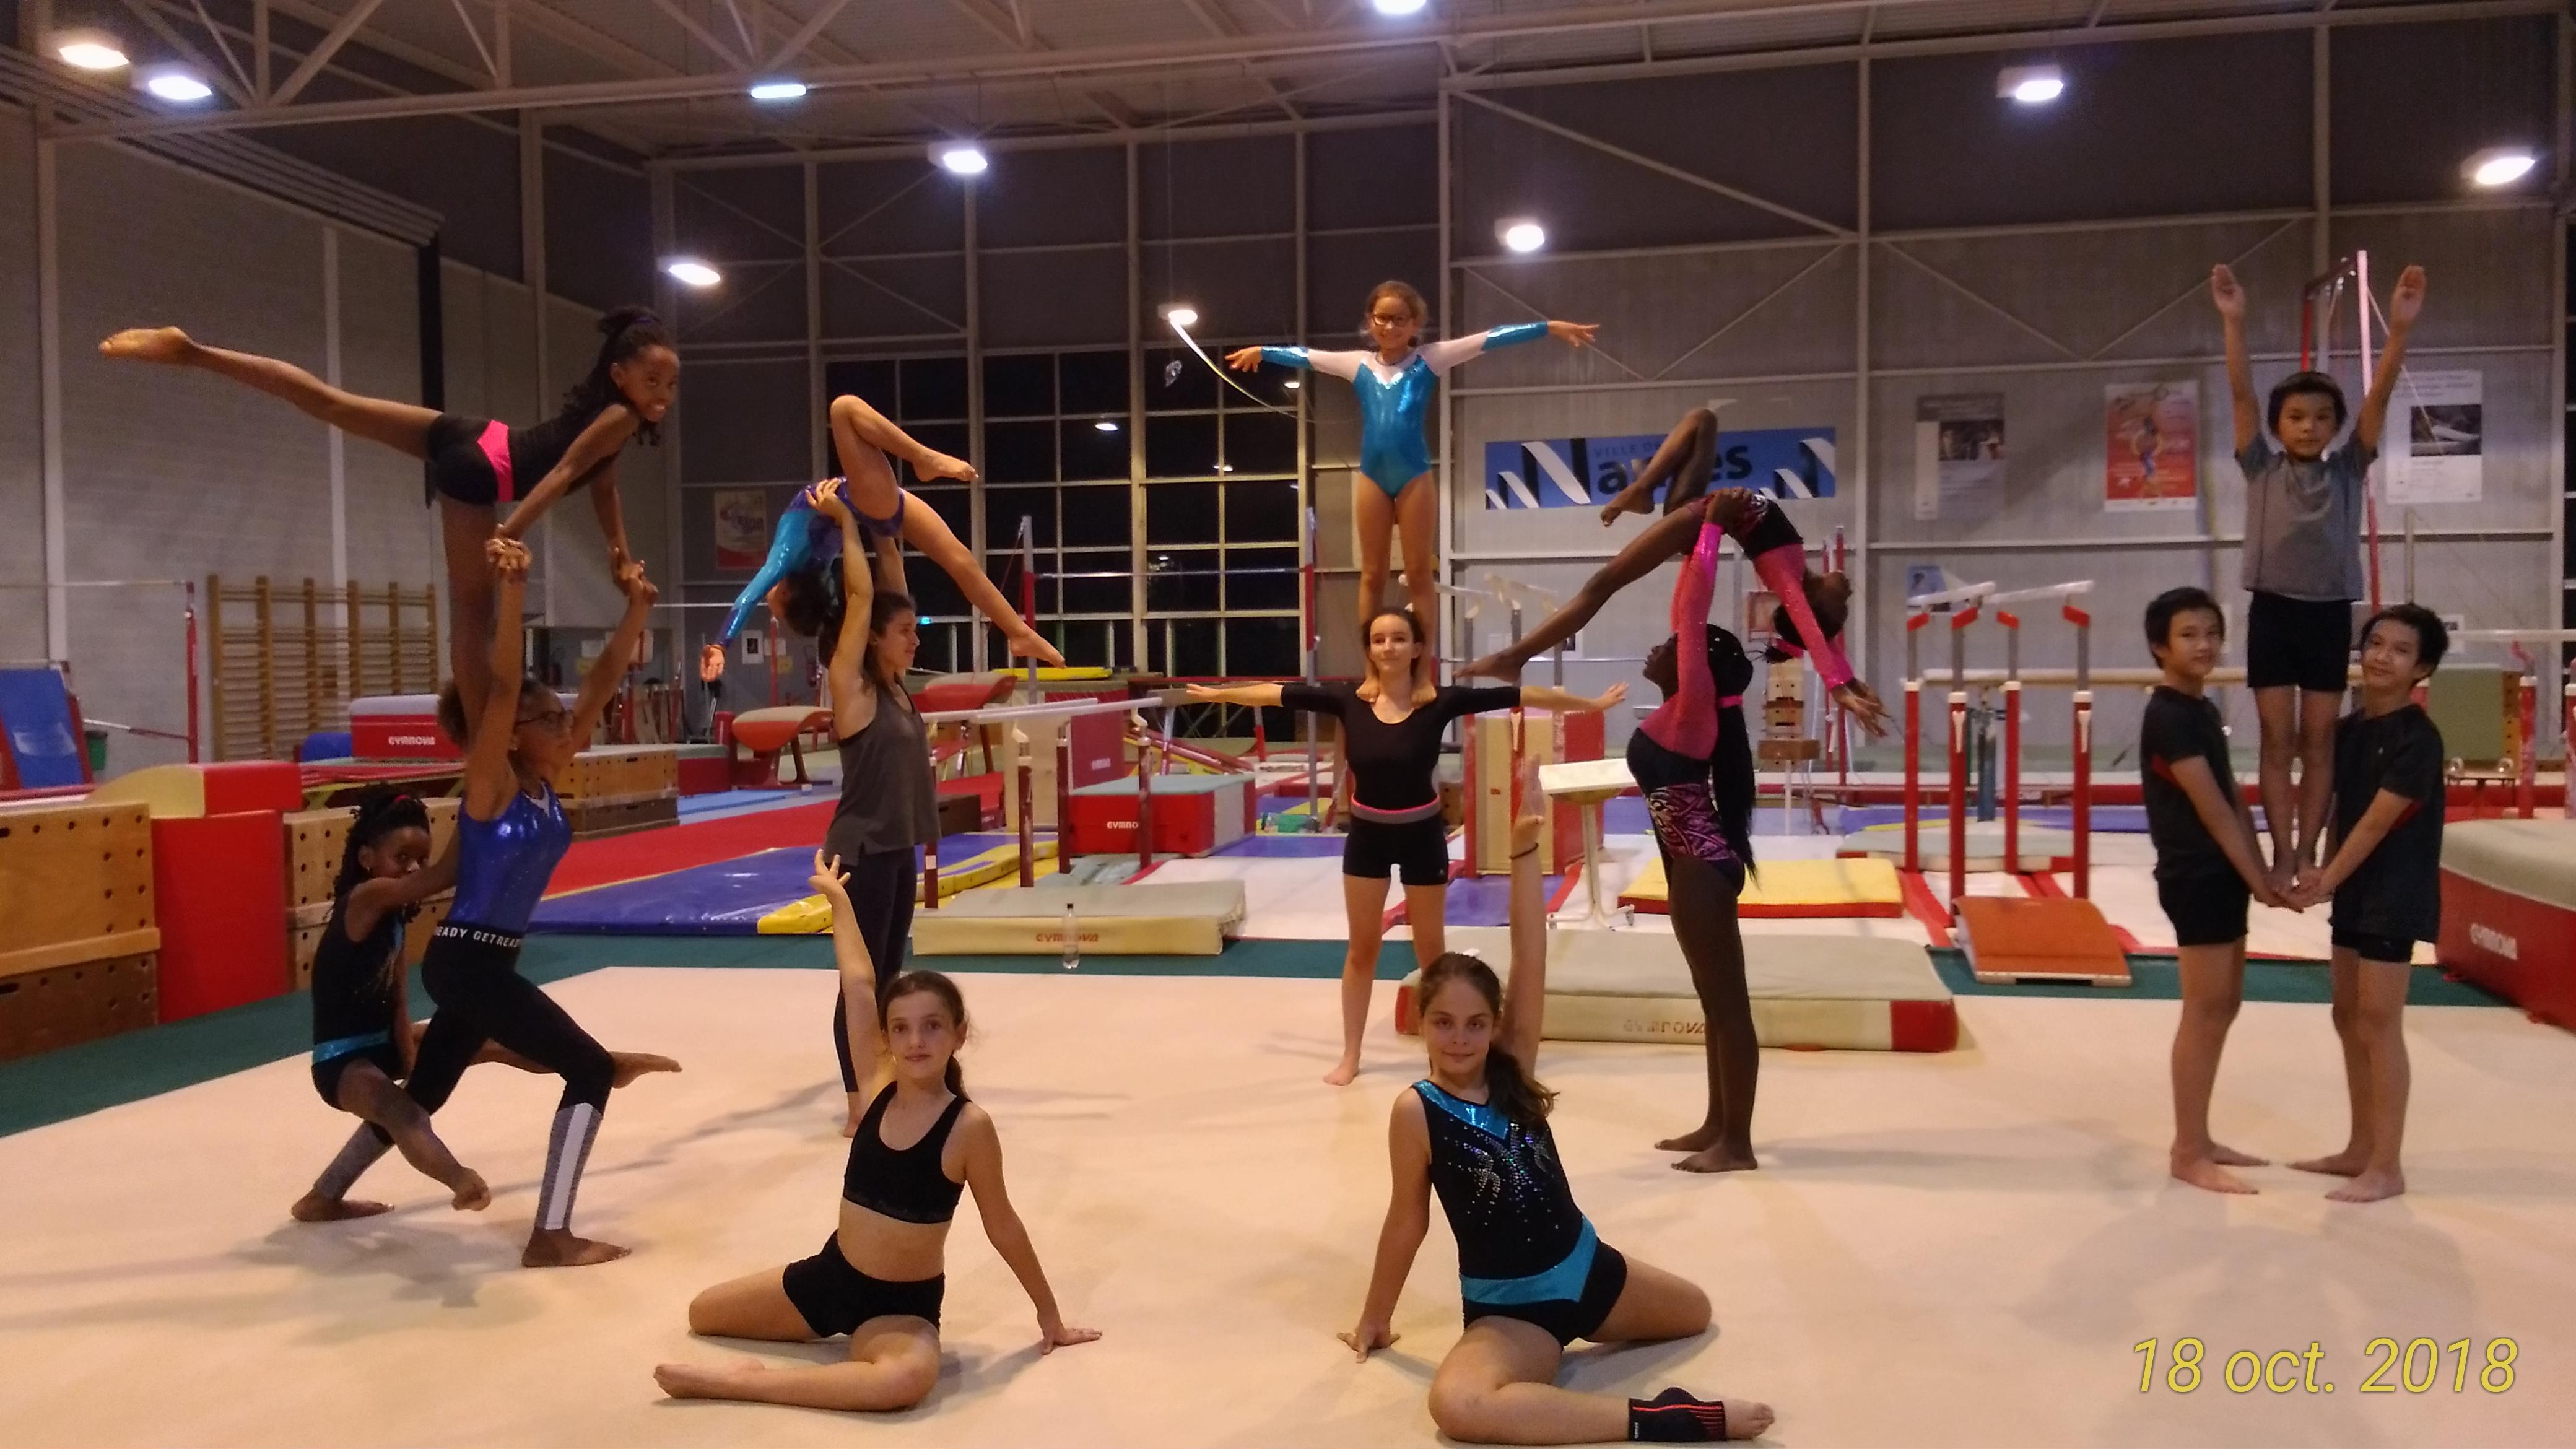 <p>Nos Acrobates ont brillé lors de la finale régionale de Gymnastique Acrobatique qui s&rsquo;est déroulée le 3 Février dernier à Luçon Chacun des&nbsp;ensemble&nbsp;qui&nbsp;représentait&nbsp;La Nantaise&nbsp;a pu accéder à la première marche du podium de sa catégorie !!! En Duo Fédérale B 7/15 ans&nbsp;Emmy et Yasmine&nbsp;&nbsp; En Duo Fédérale B Toutes catégories&nbsp;Youssra [&hellip;]</p>